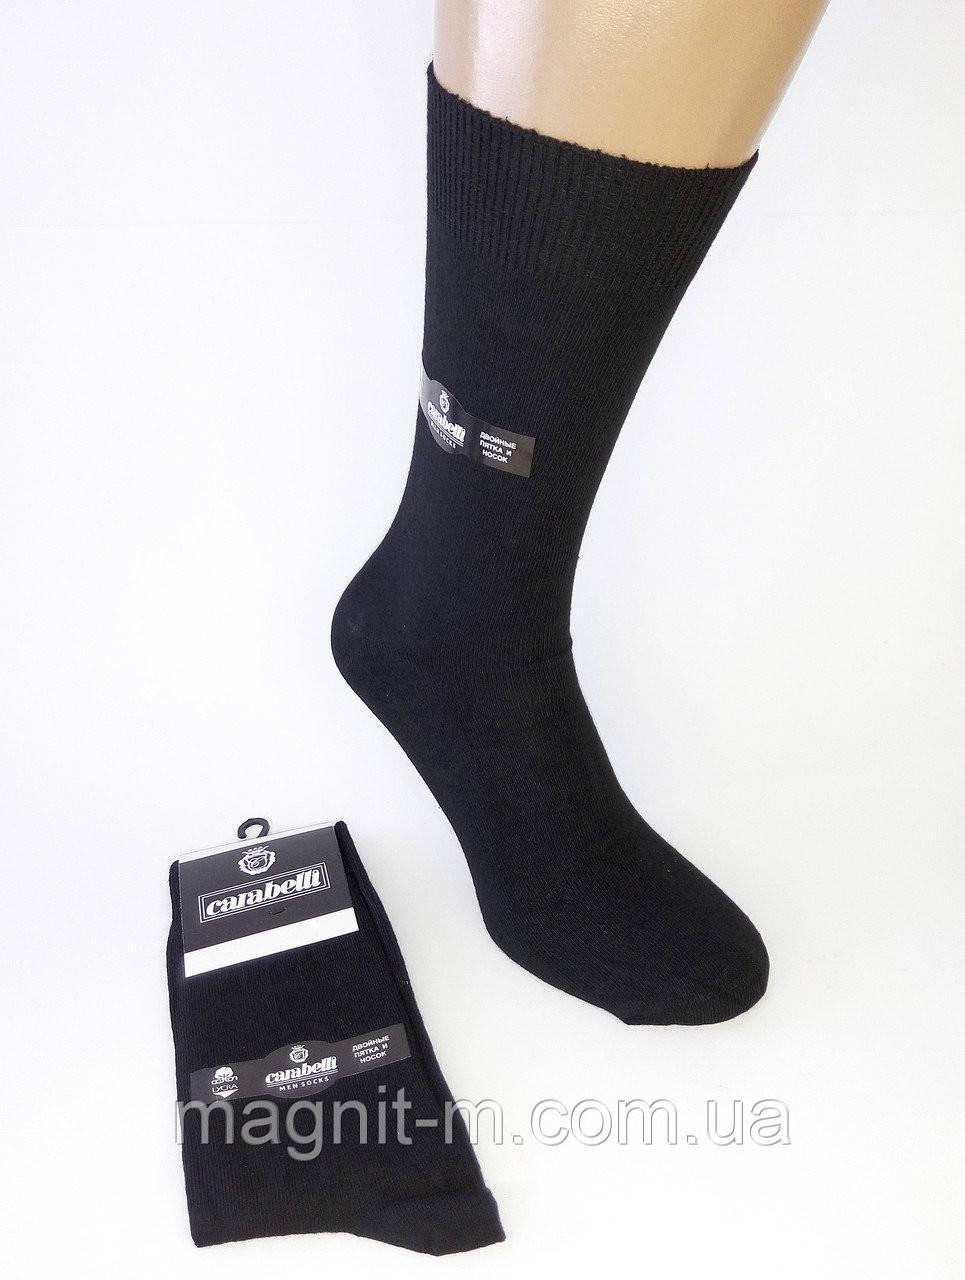 """Высокие мужские стрейчевые носки """"Carabelli"""". Турция. Двойная пятка. Р-р 42-44. Черные."""